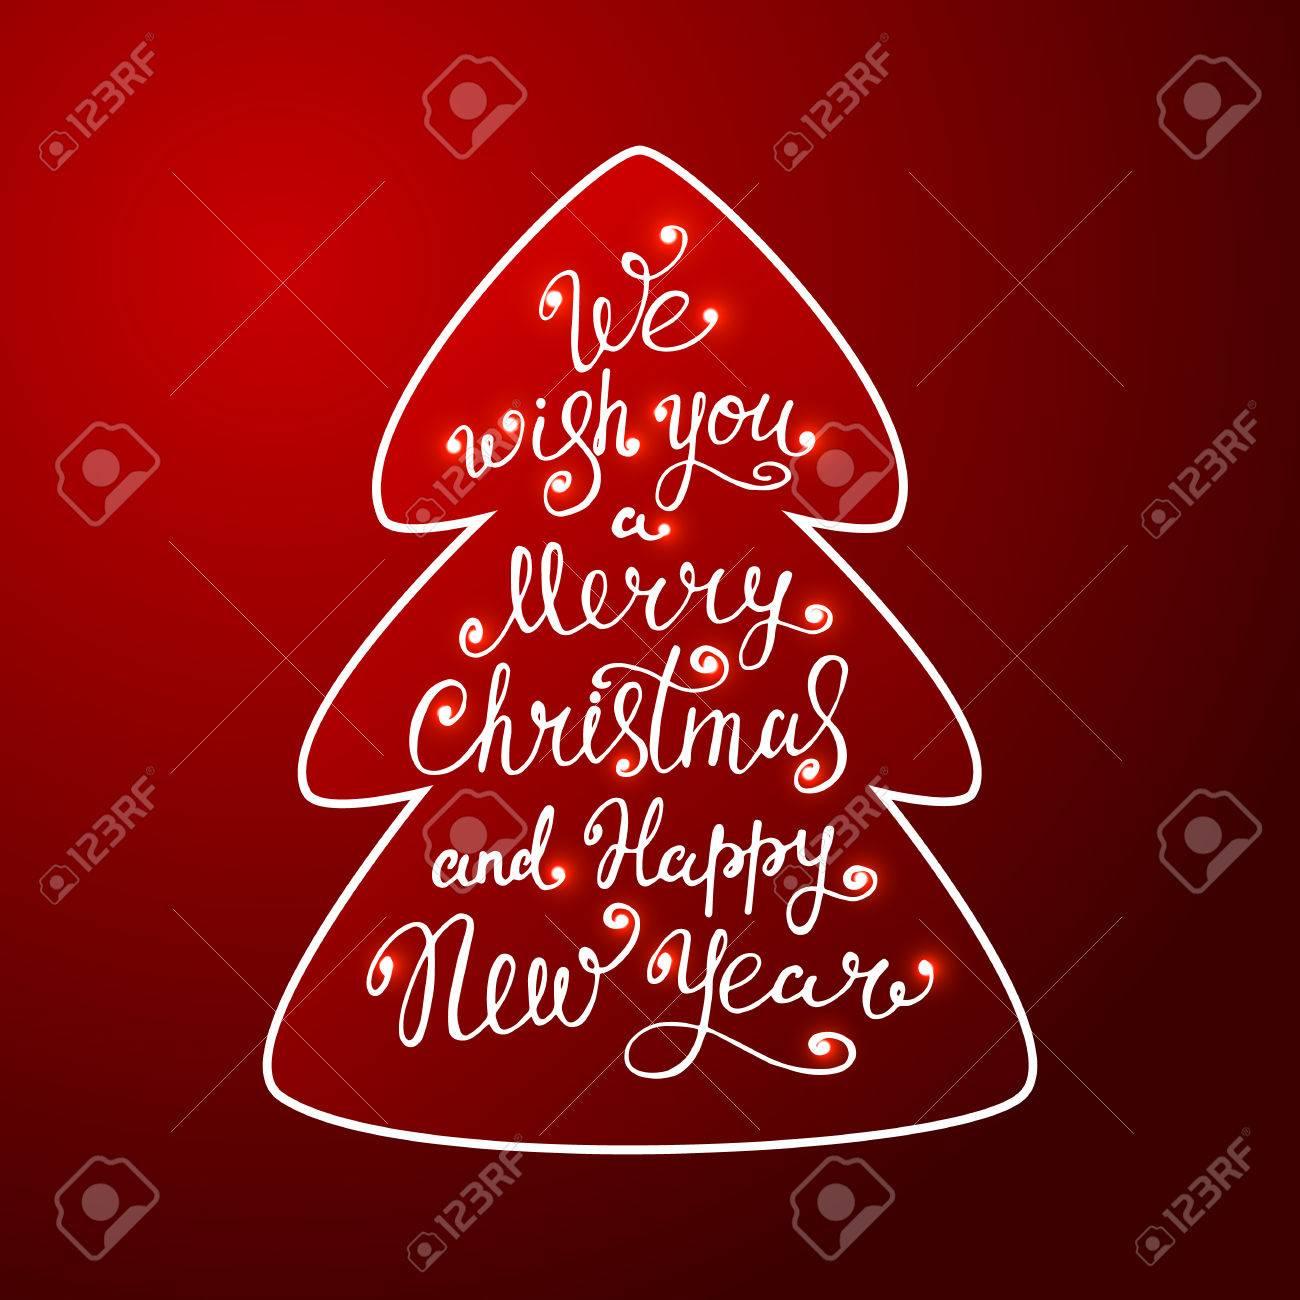 Carte Joyeux Noel A Envoyer Par Mail.Nous Vous Souhaitons Un Joyeux Noel Et Bonne Annee Dans Un Arbre De Noel Sur Fond Rouge Caracteres Illustration Design By Poster Impression